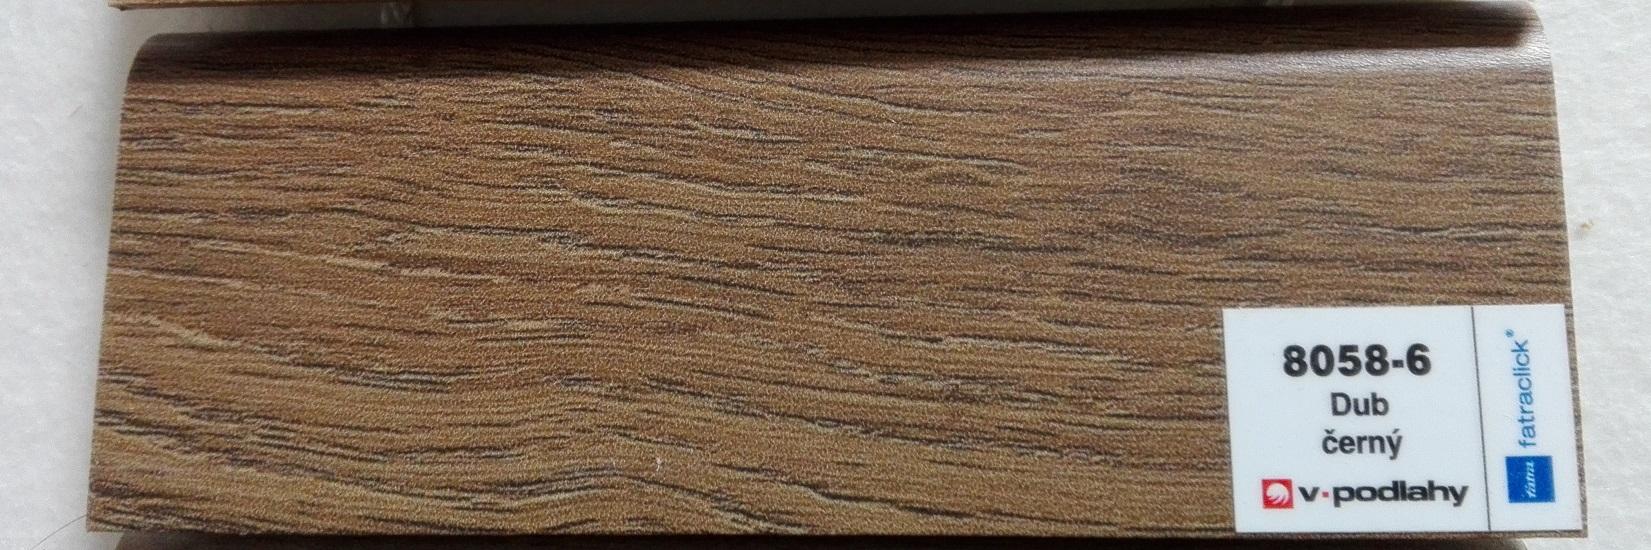 FatraClick soklová lišta Dub černý 8058-6